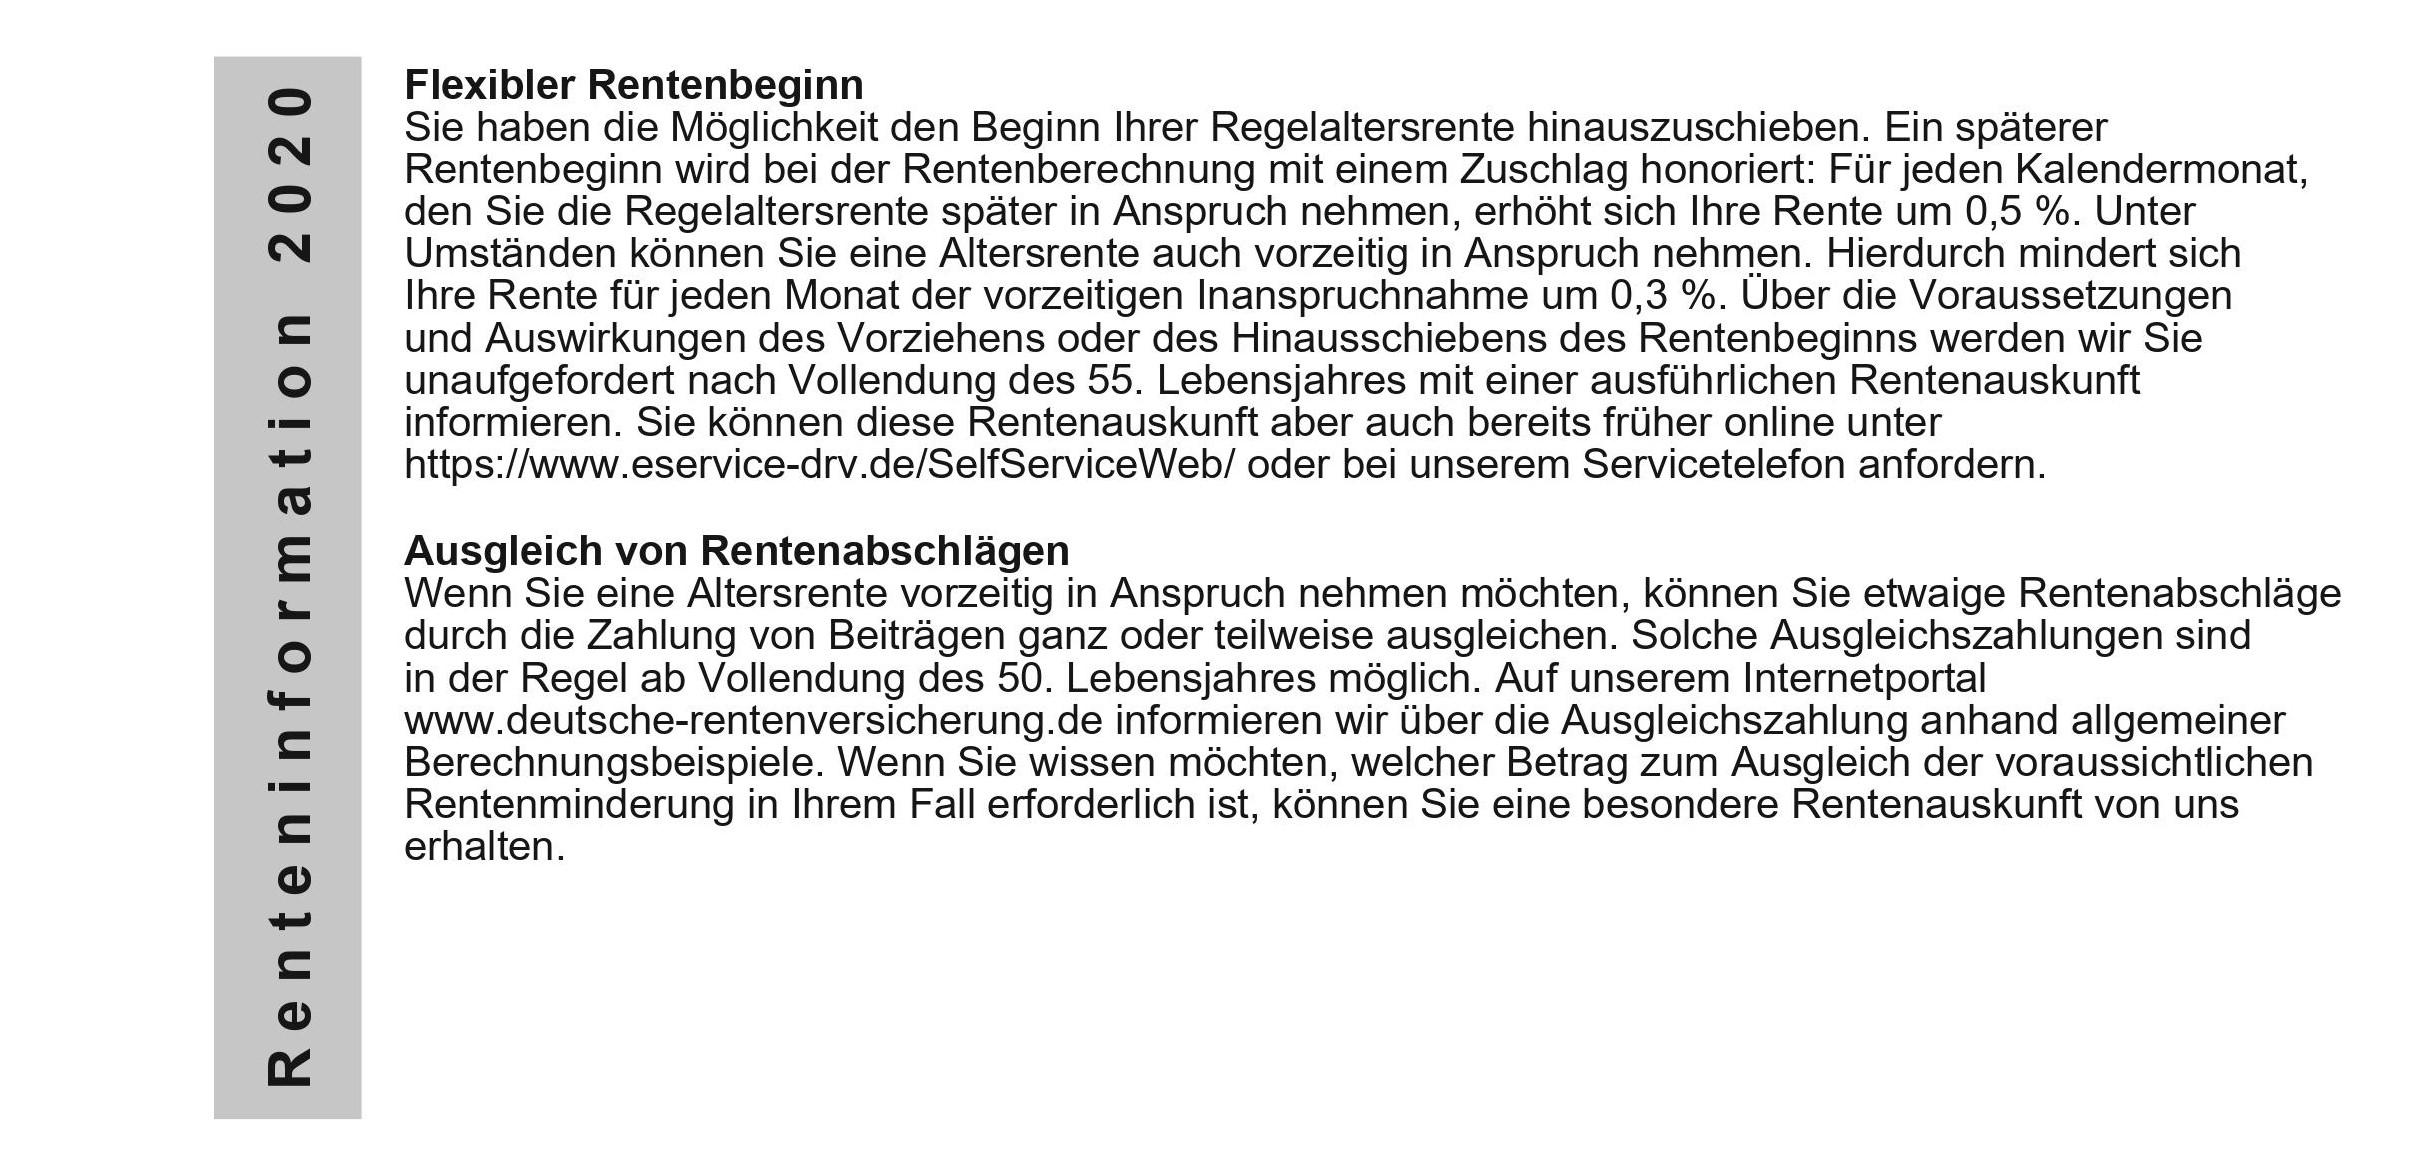 Muster Renteninformation 2020, Seite 3